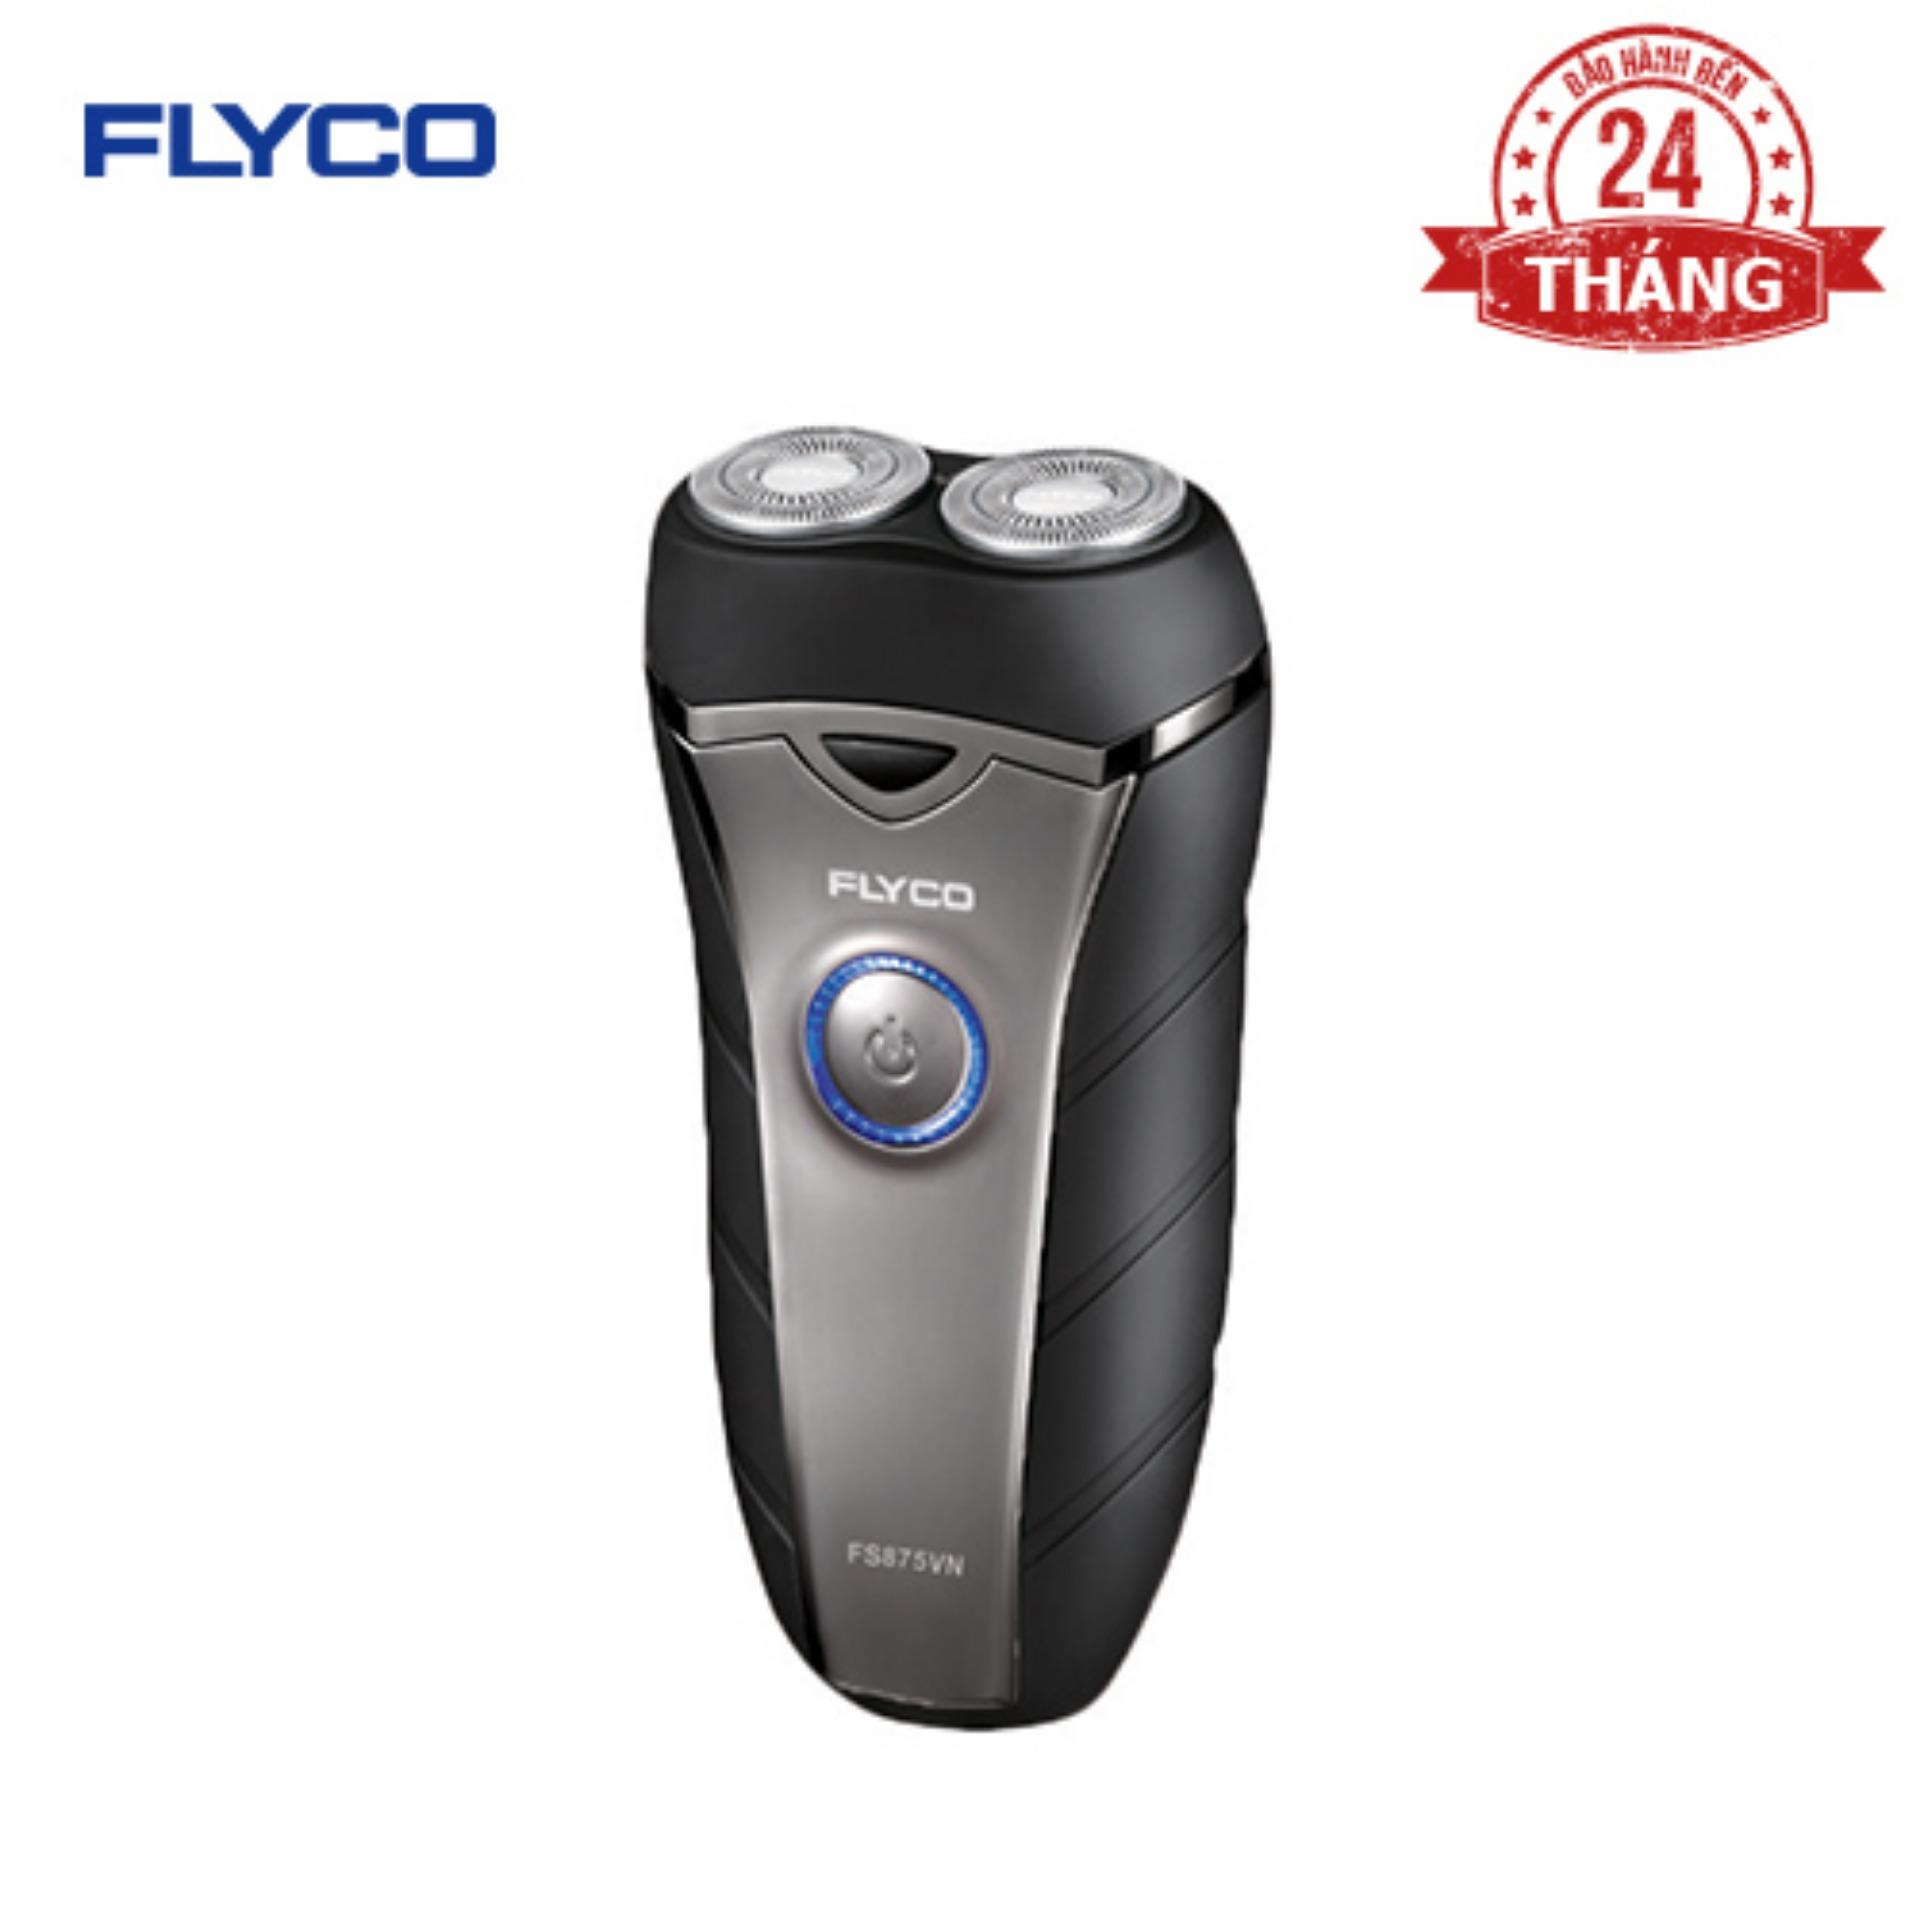 Máy cạo râu 2 lưỡi FLYCO FS875VN chính hãng